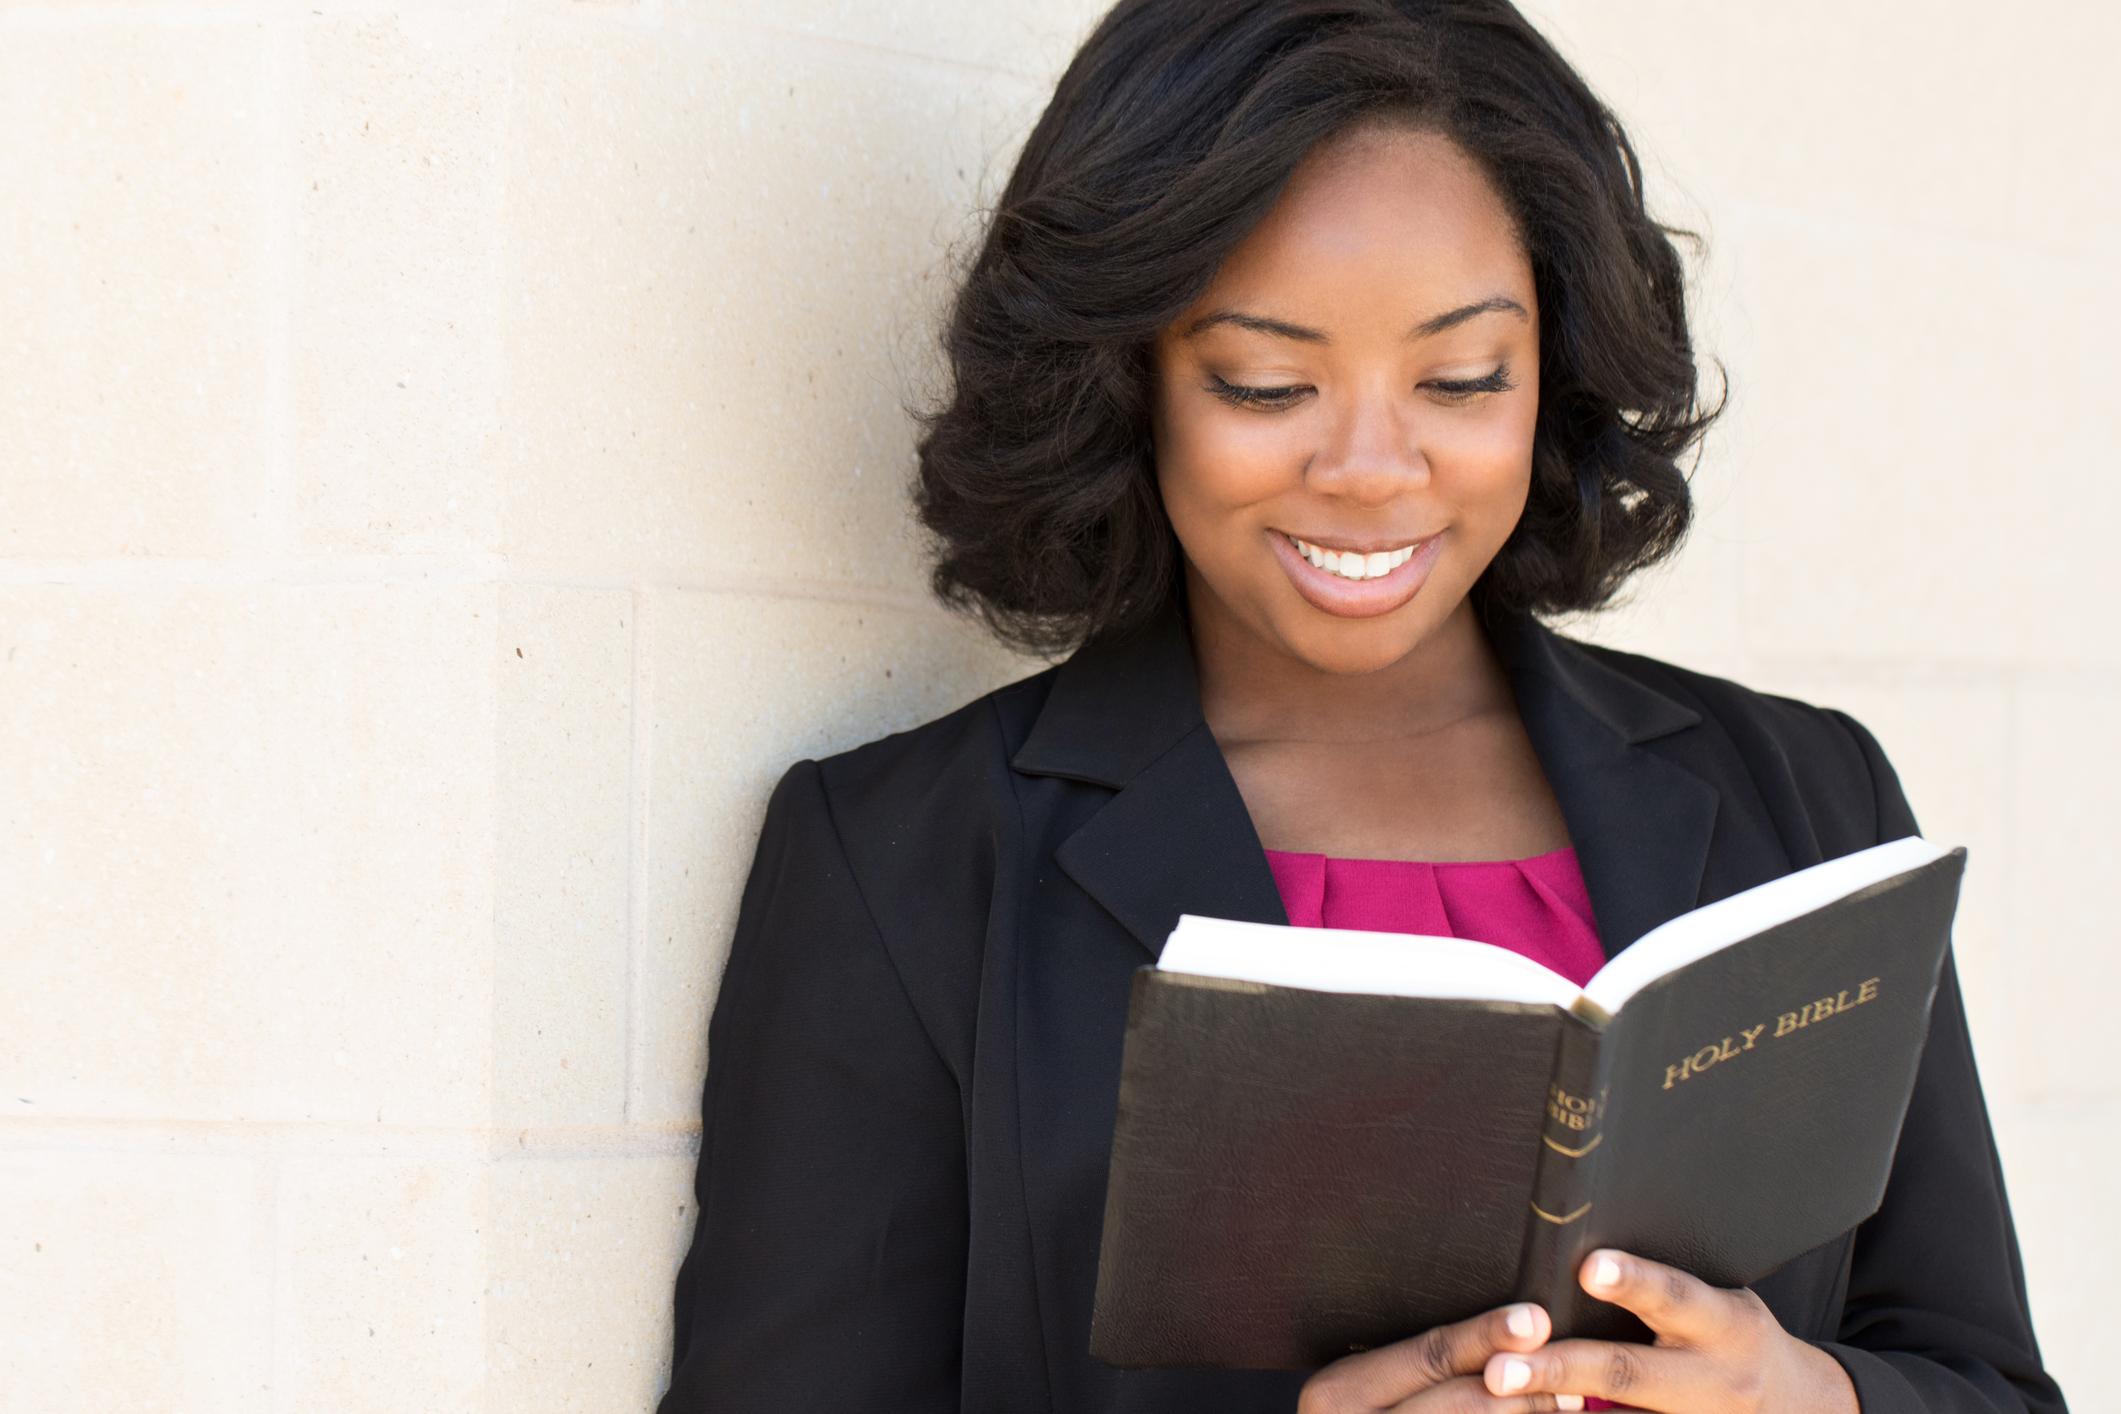 Bíblia em 1 ano – Leia o 210º dia13 min read